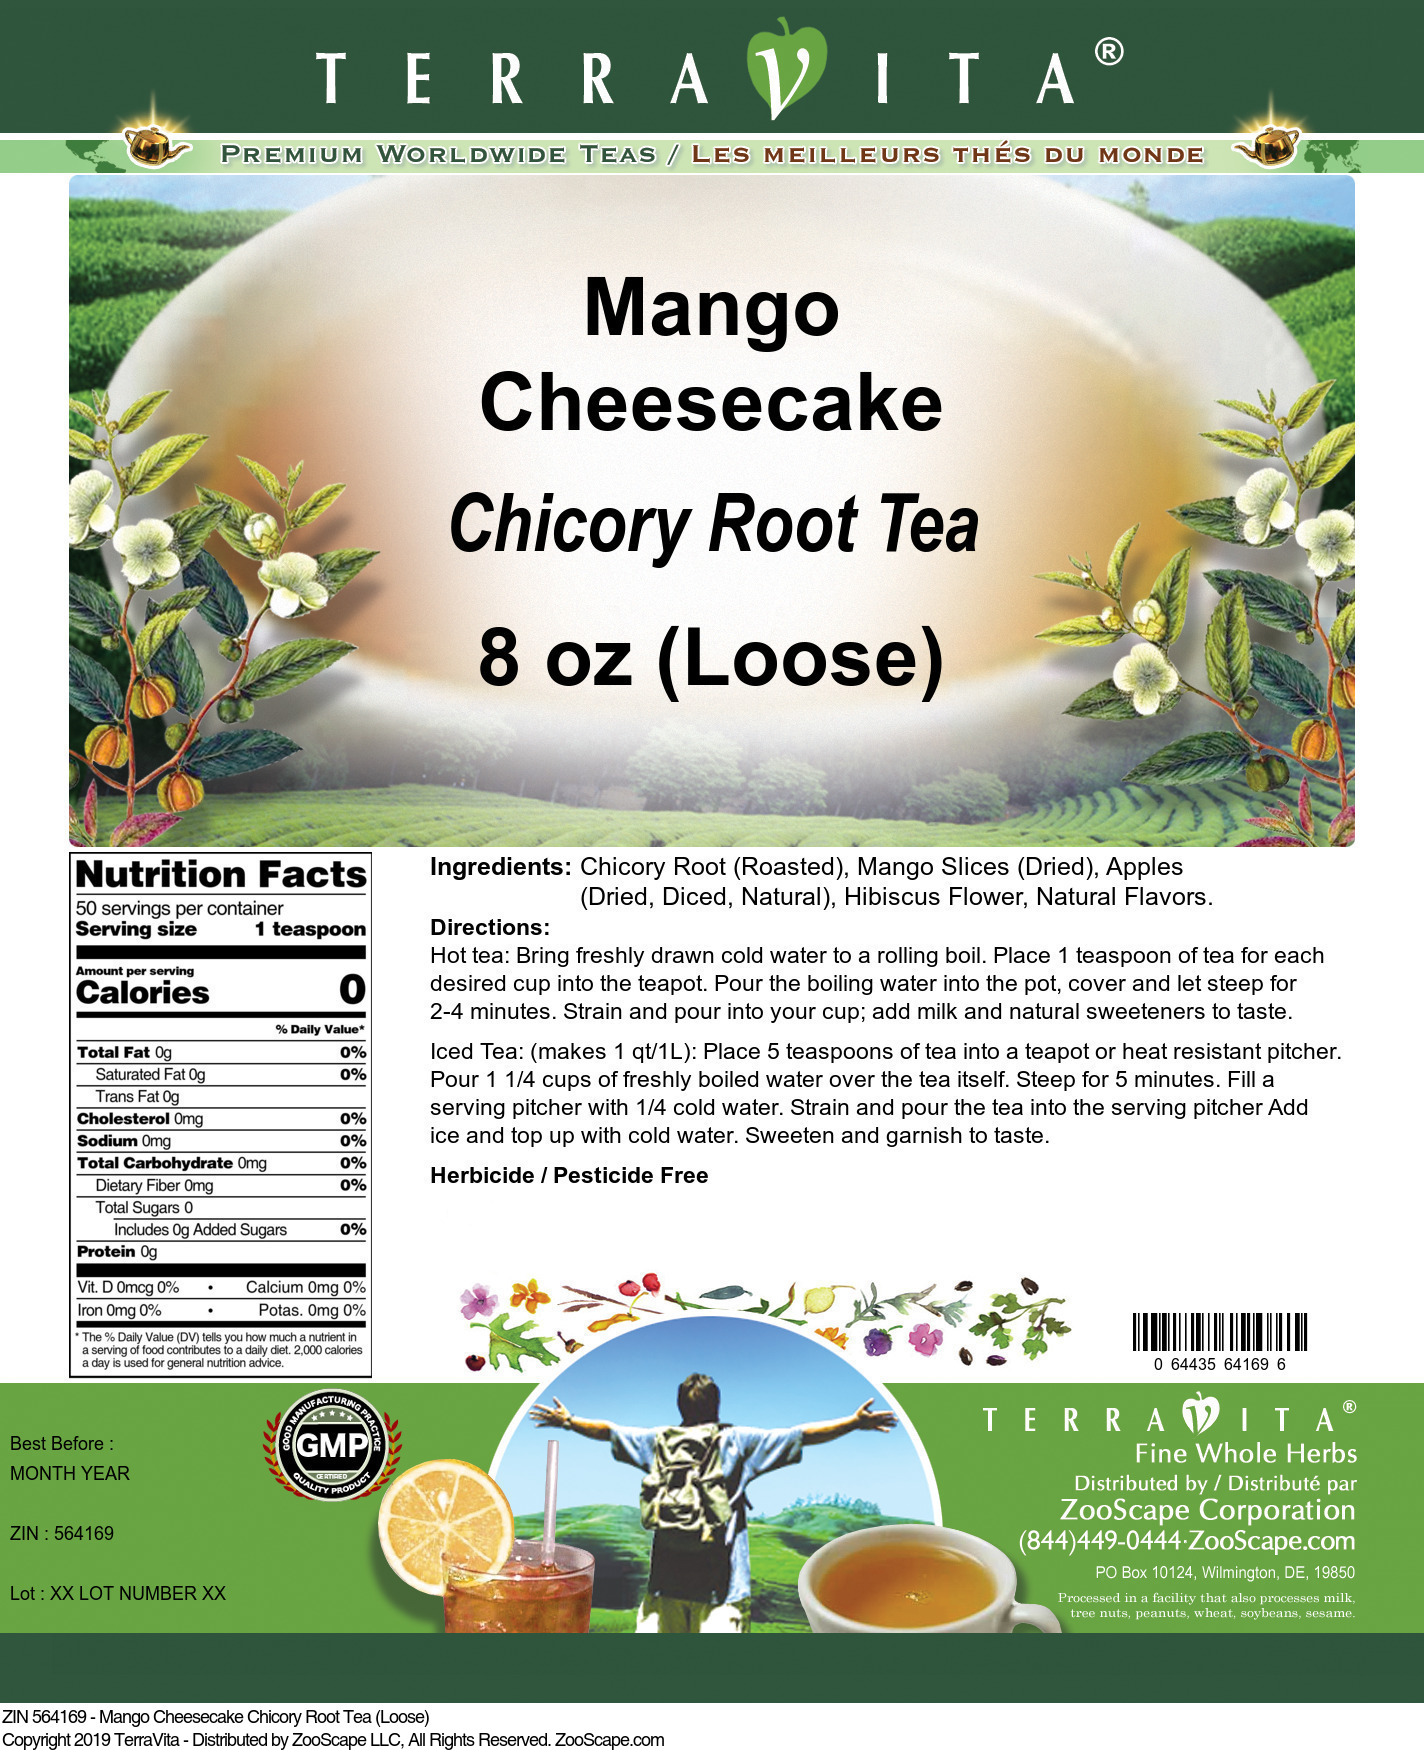 Mango Cheesecake Chicory Root Tea (Loose)